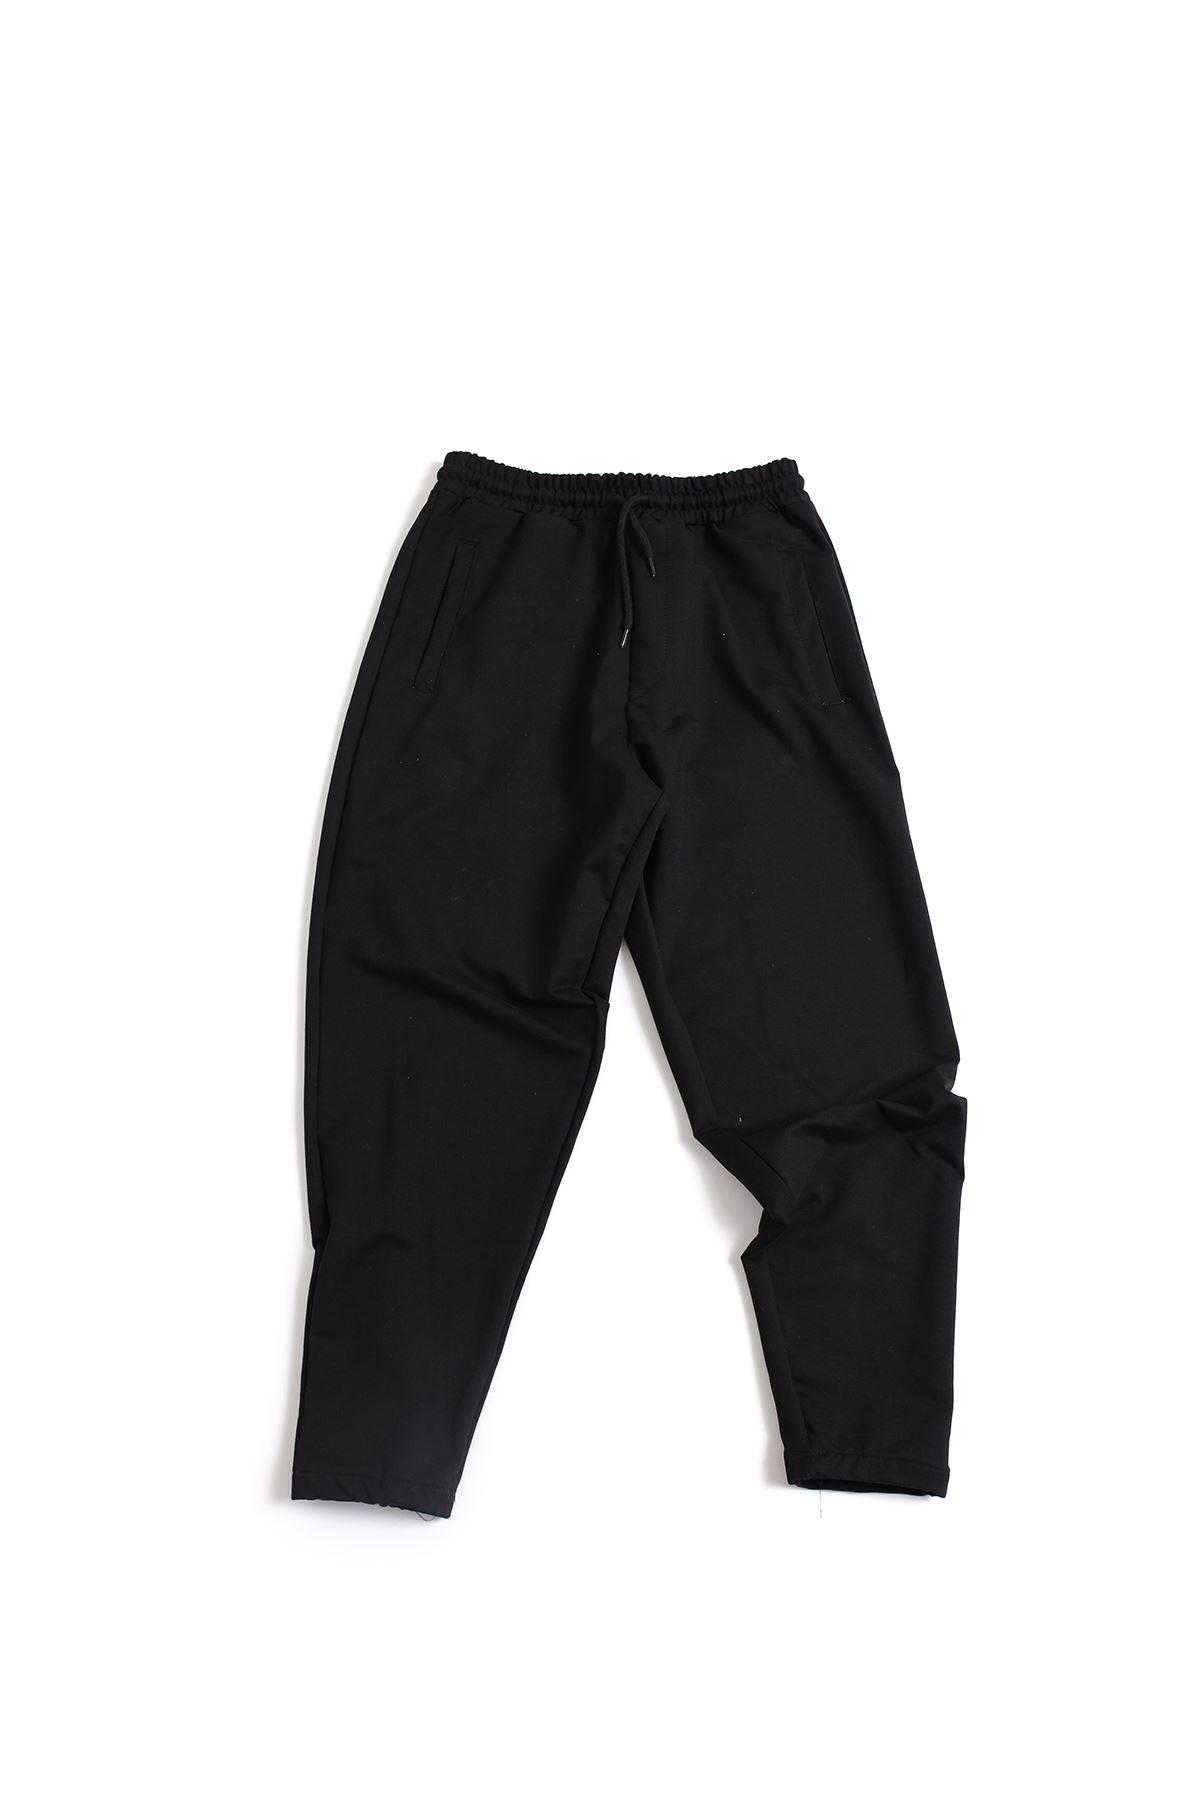 Siyah Pamuklu Jogger Pantolon